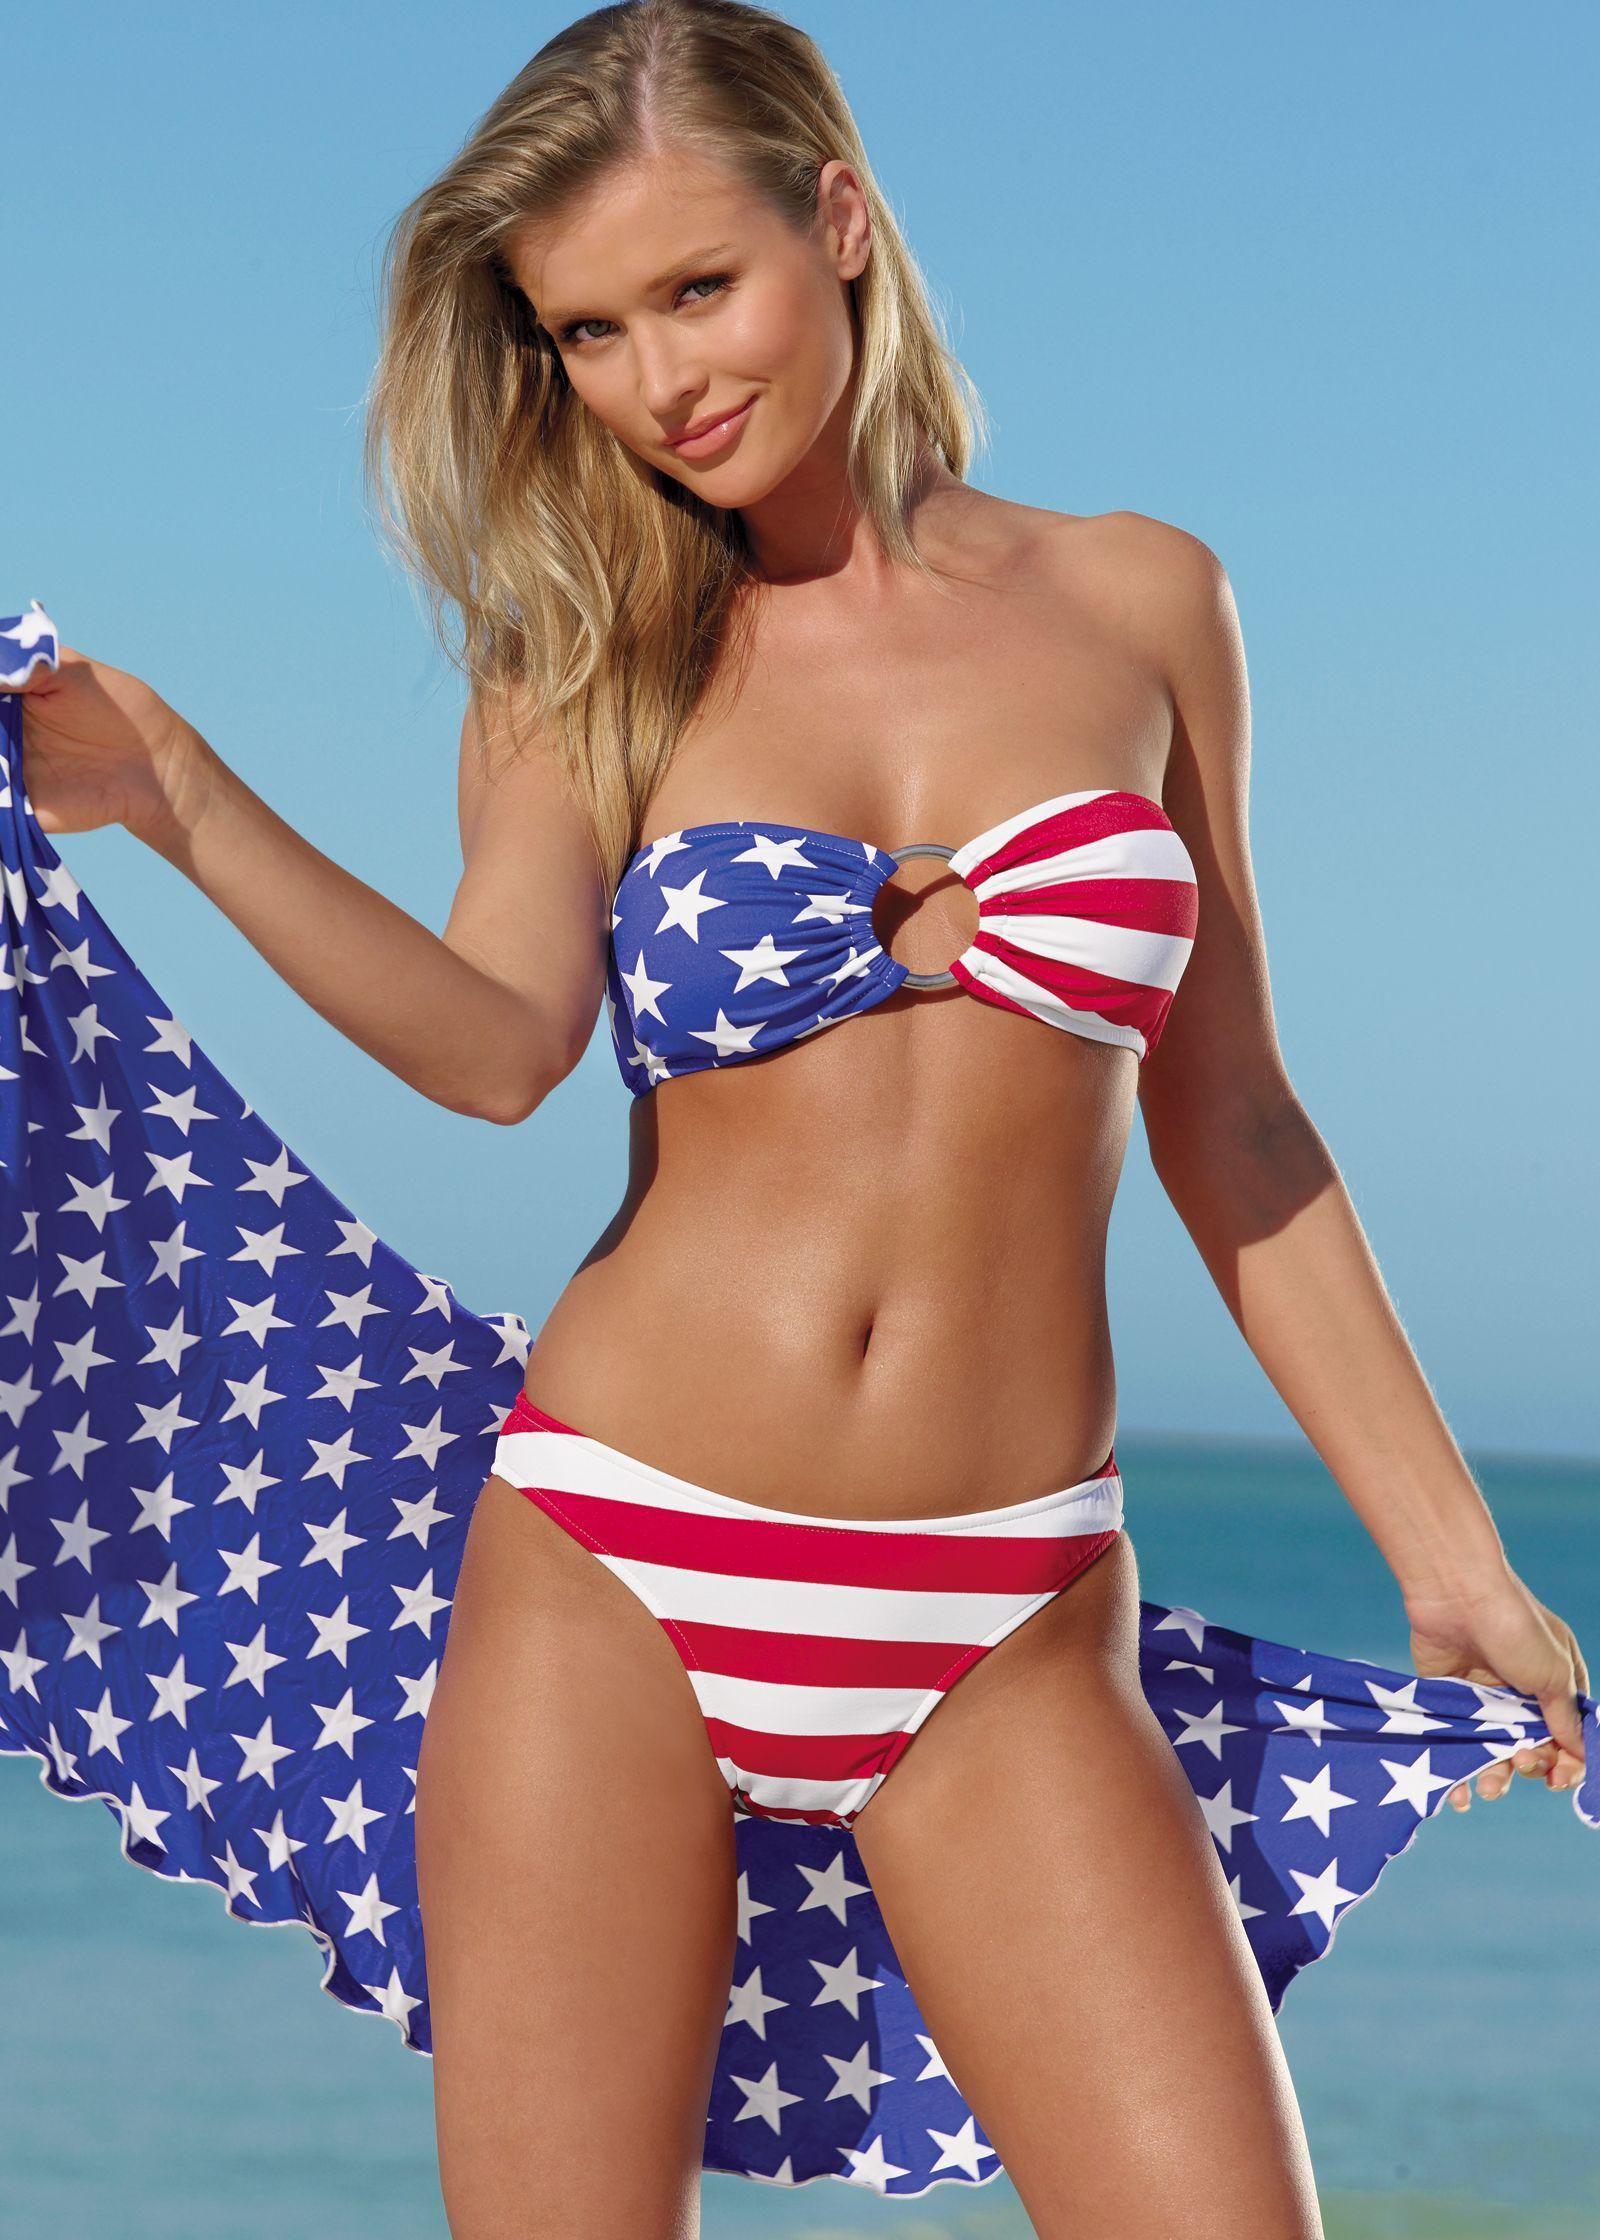 e49bff8e6a patriotic babes